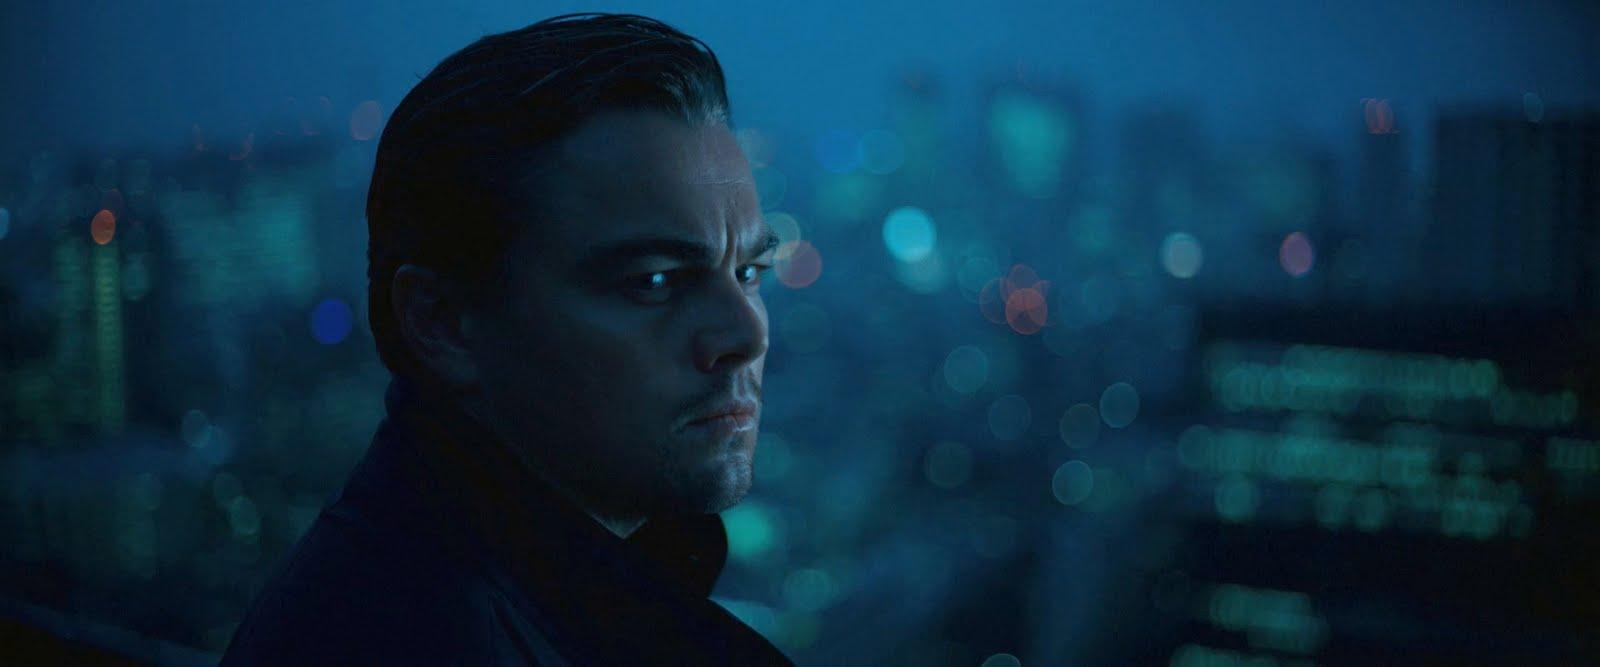 Inception de Christopher Nolan.